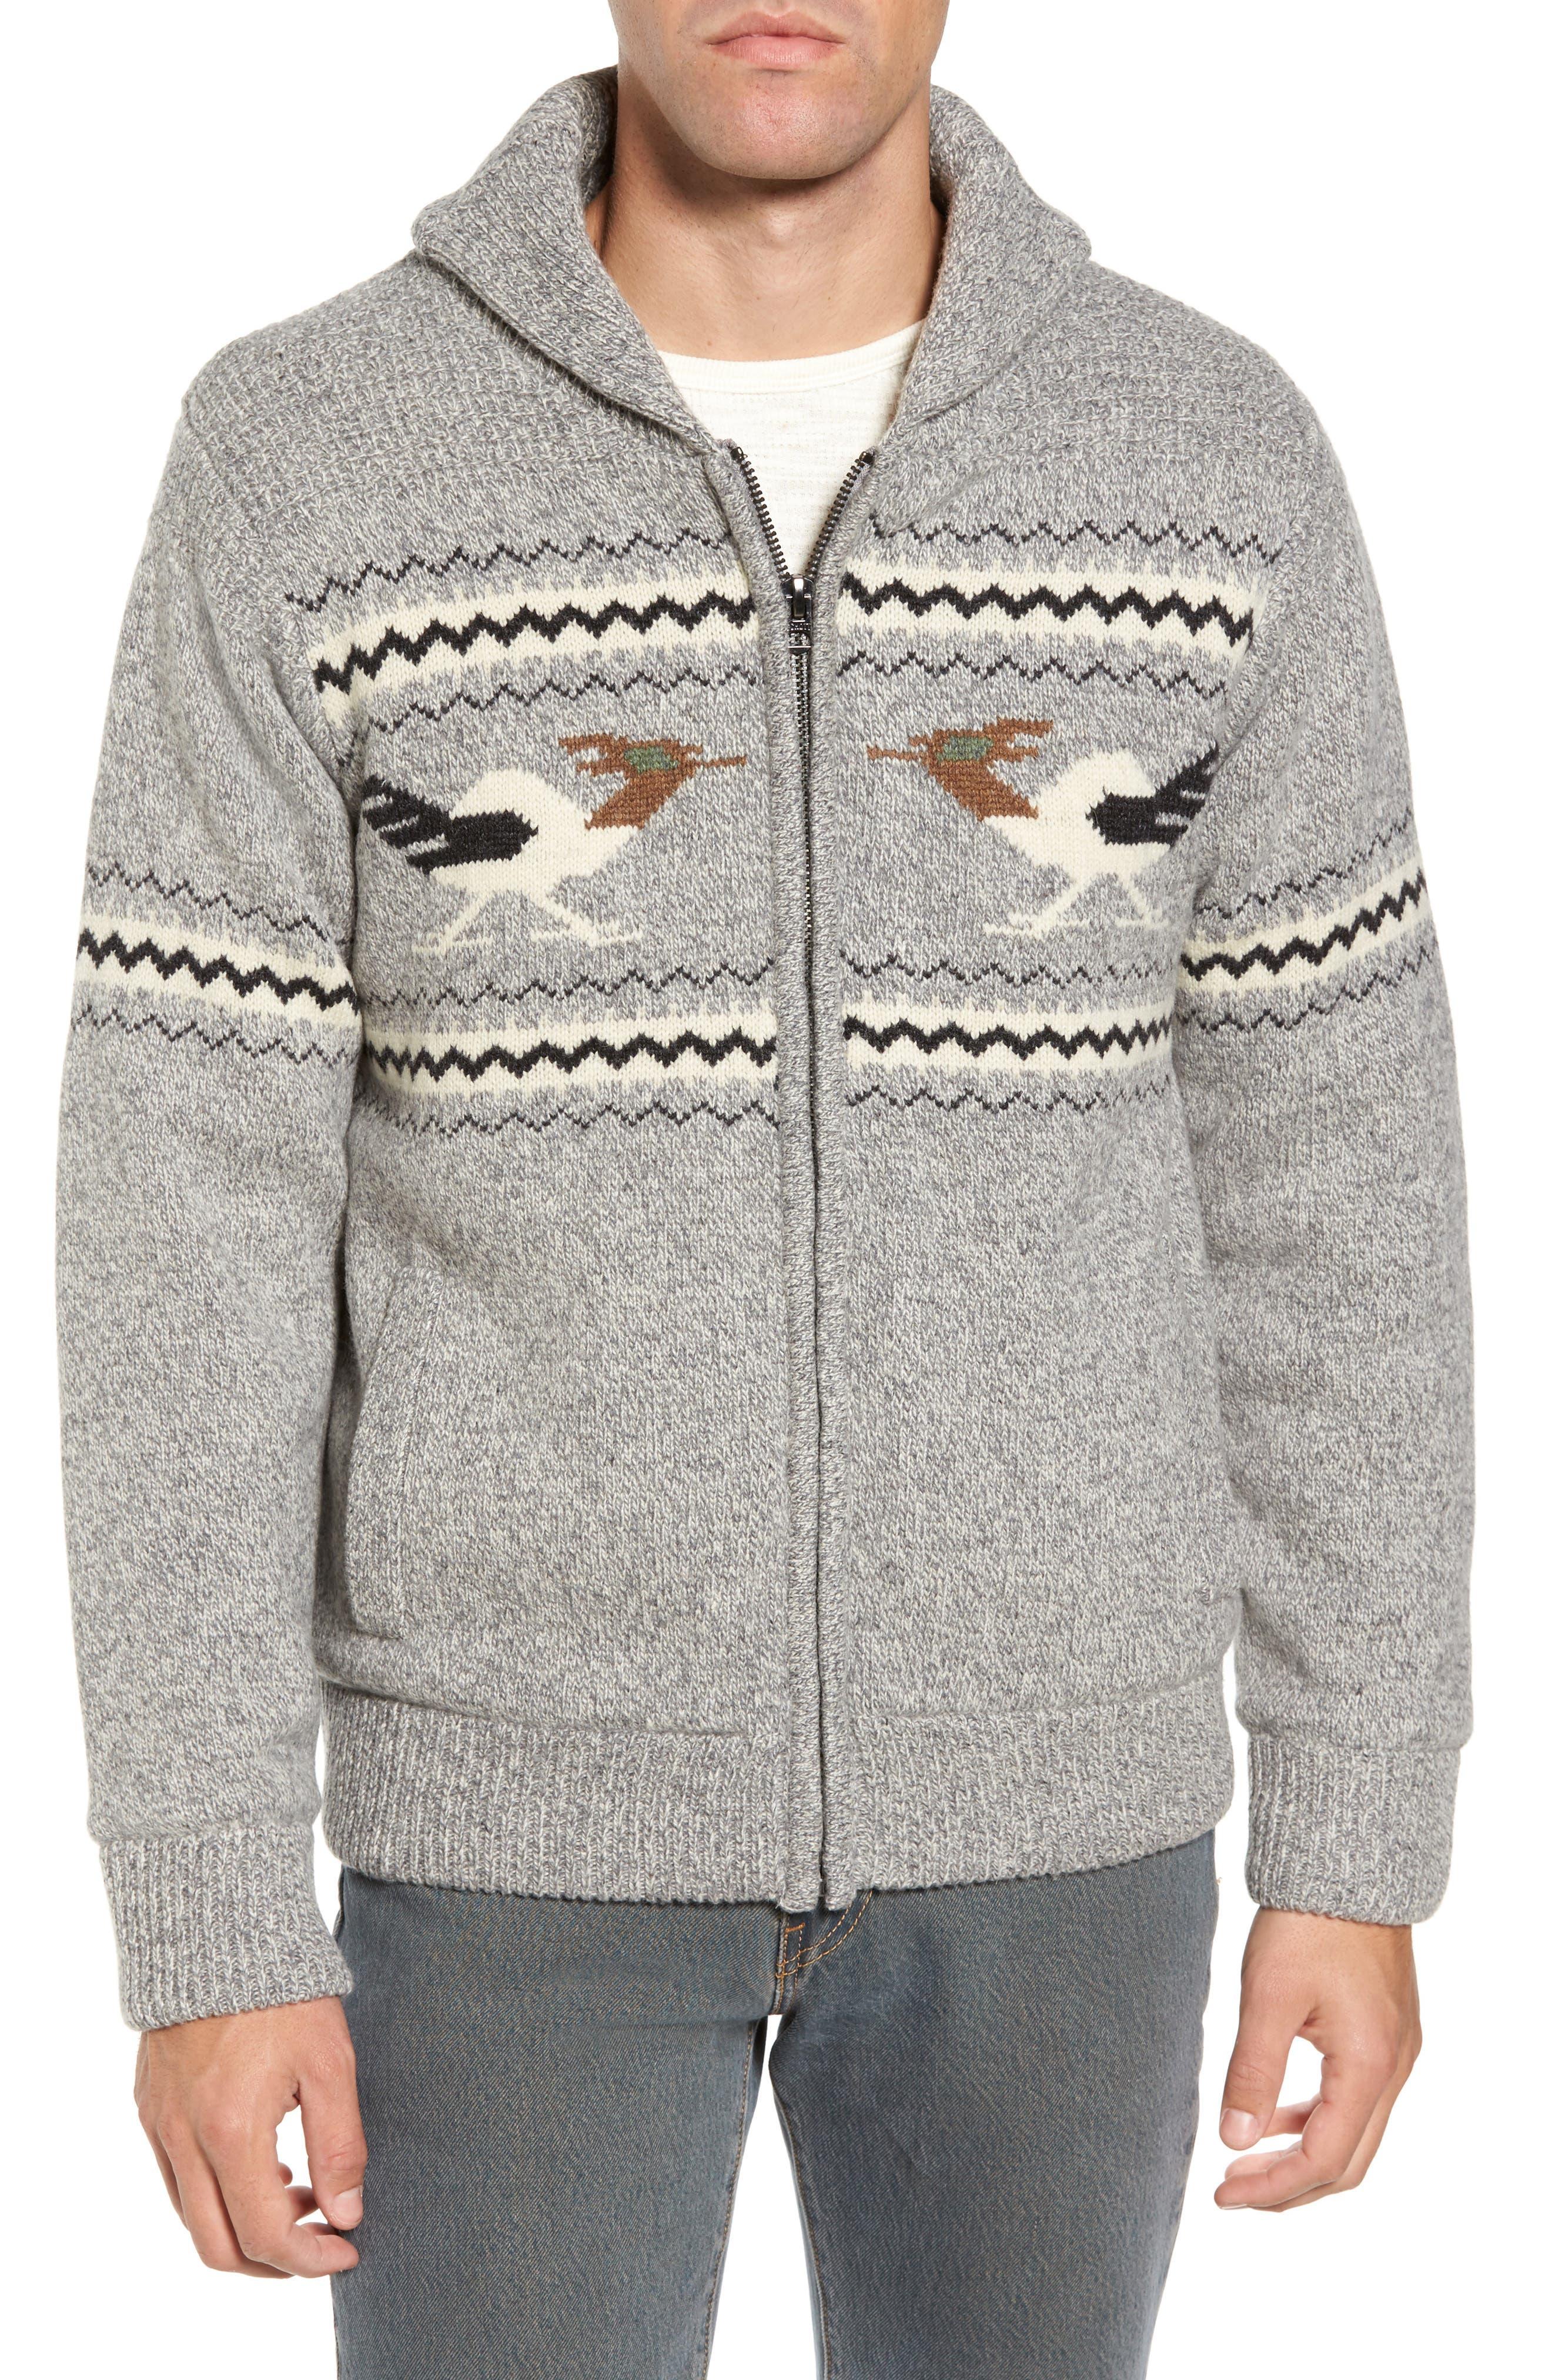 Alternate Image 1 Selected - Schott NYC Road Runner Wool Blend Cardigan